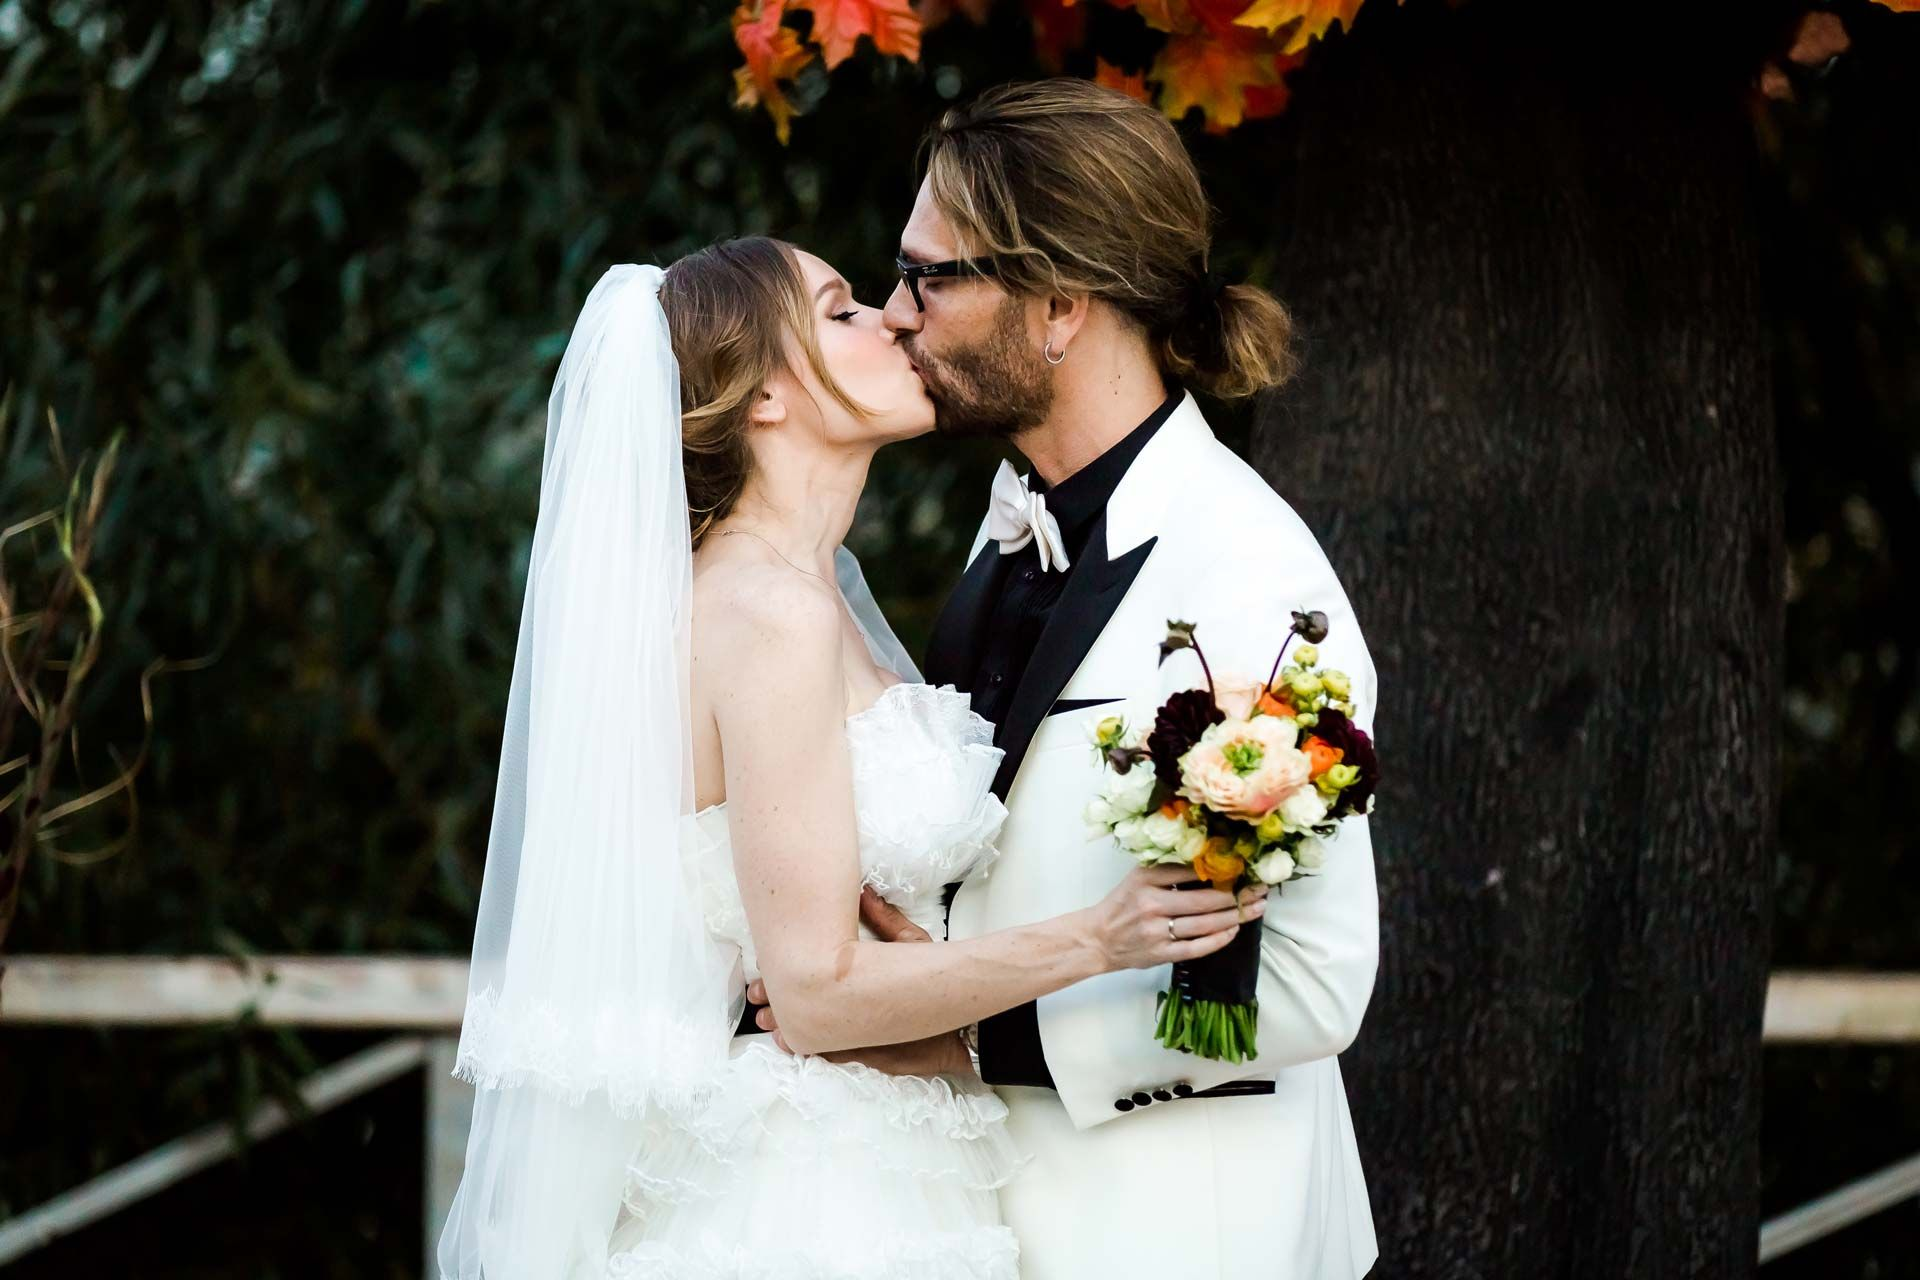 Свадьба Томаса Невергрина и Валерии Жидковой, репортаж, фото 12